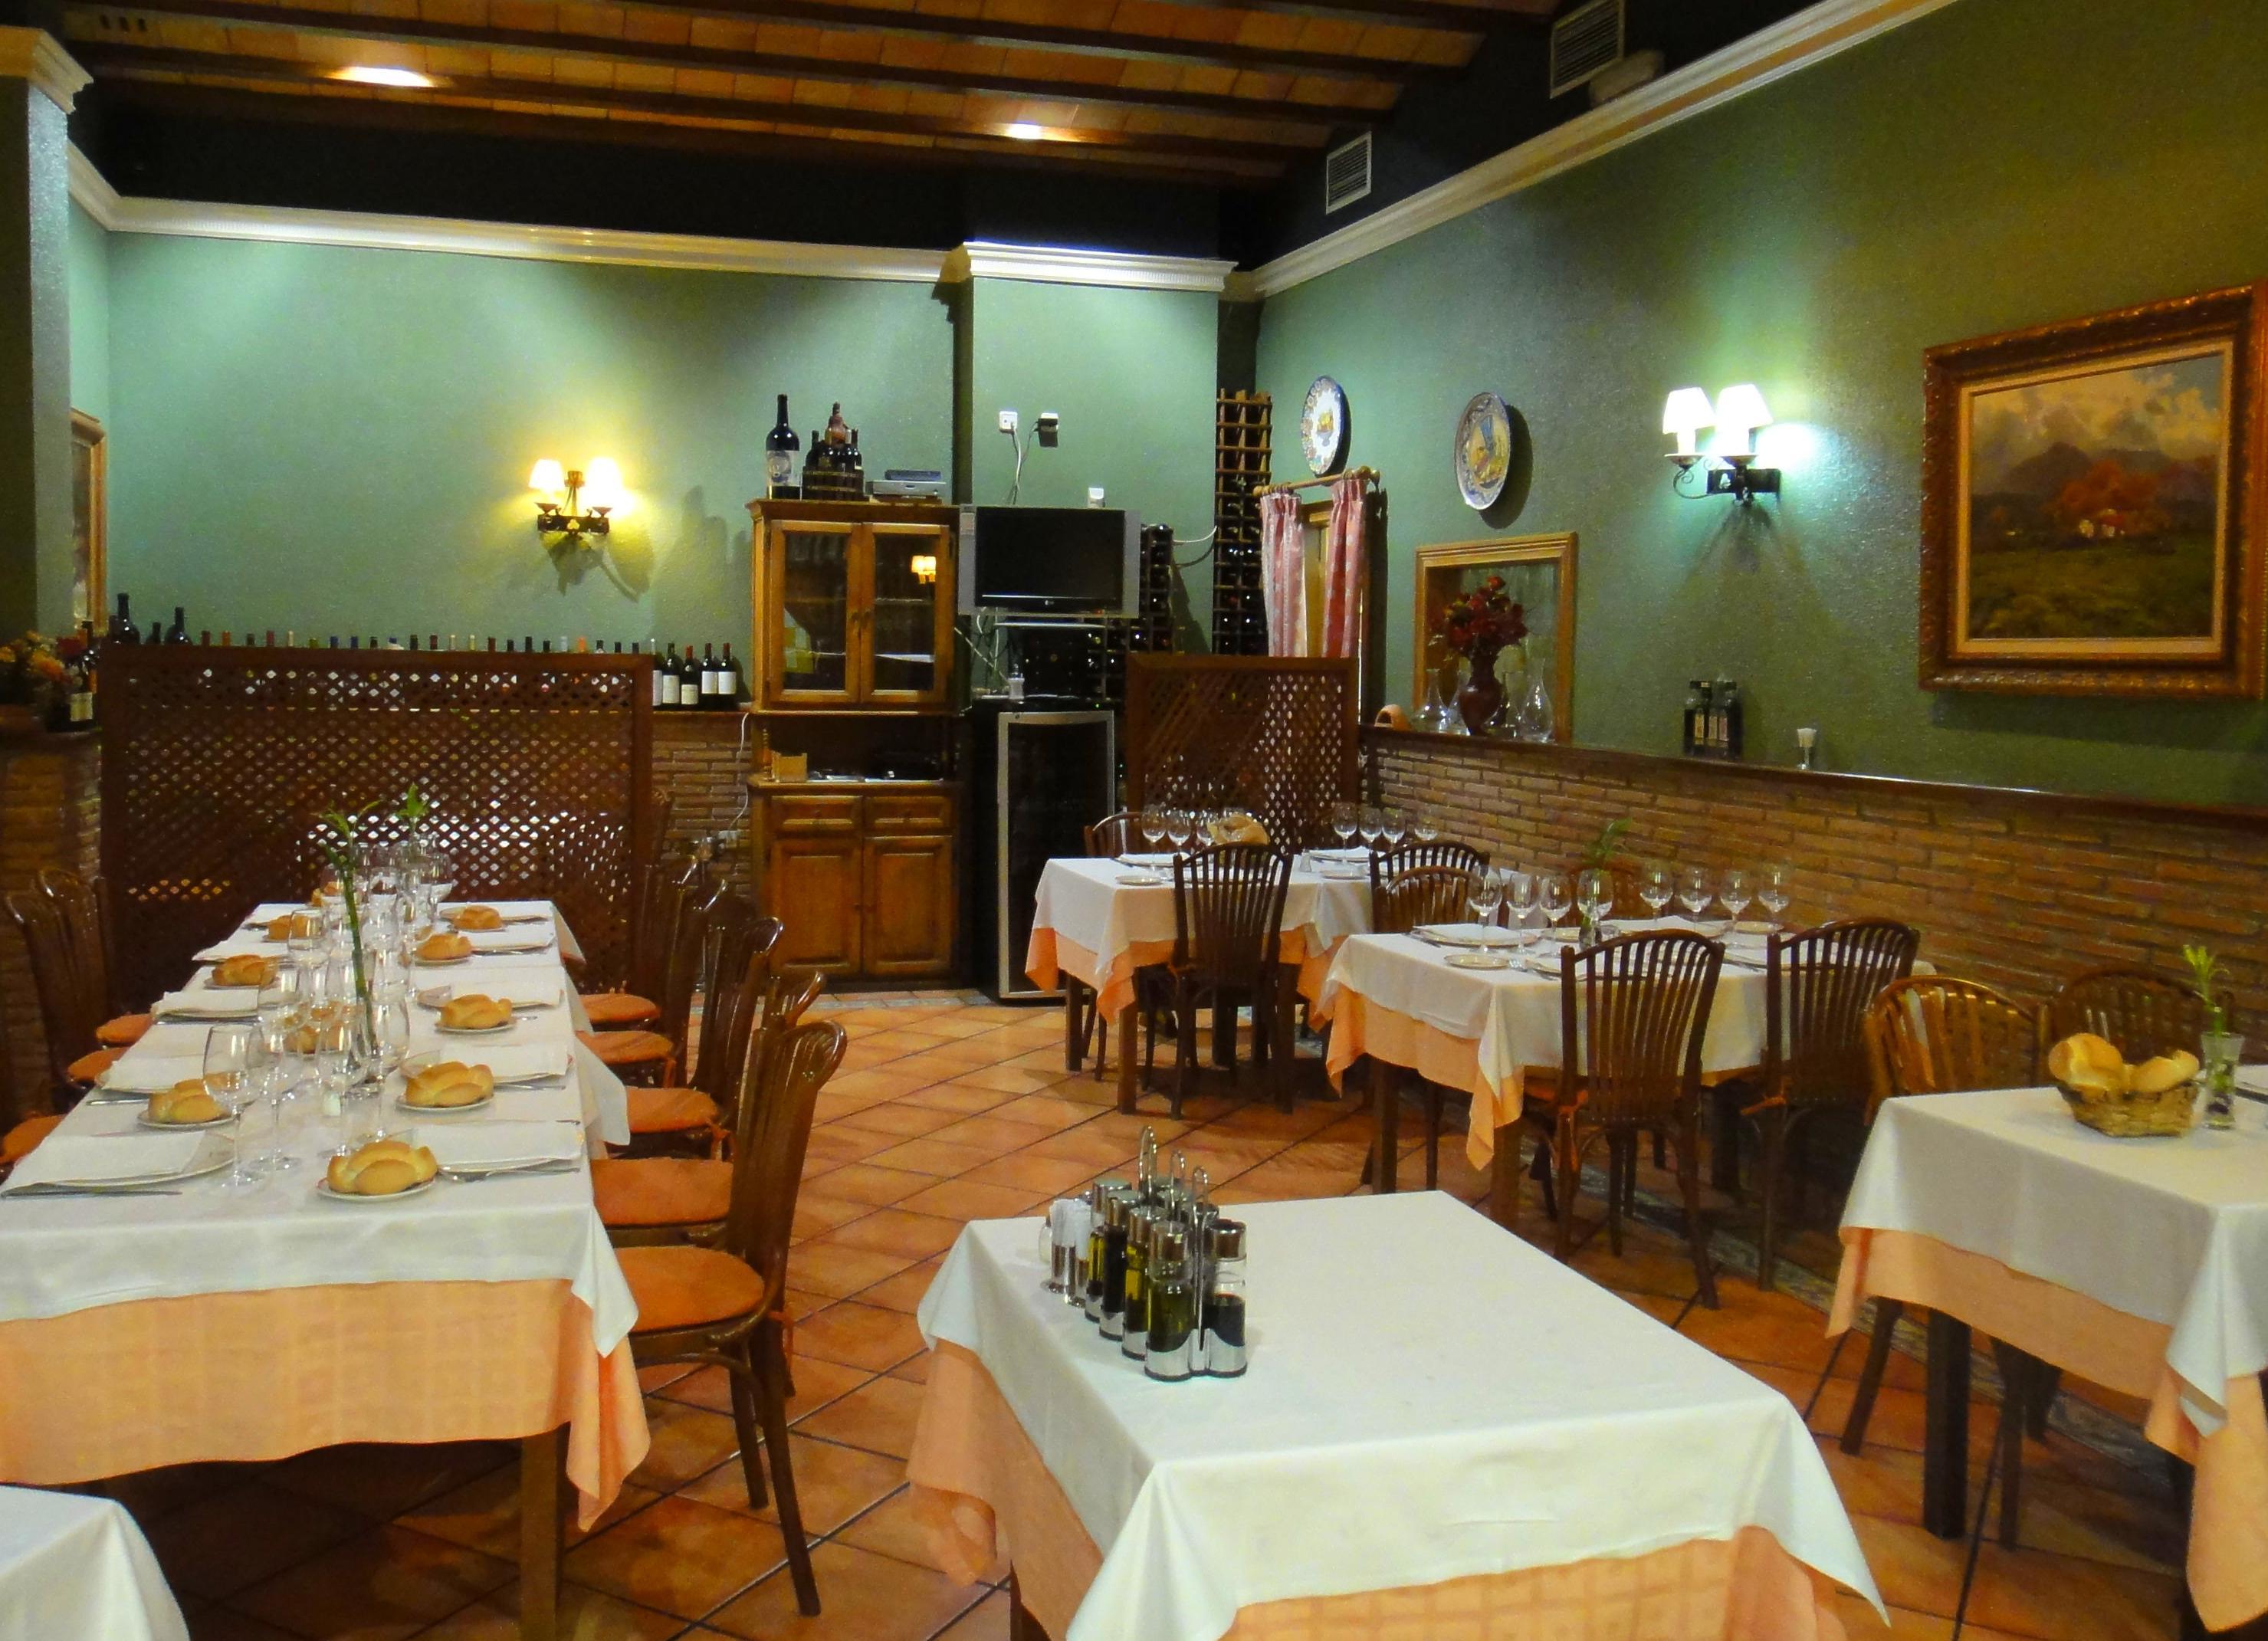 Foto 11 de Cocina mediterránea en Madrid | El Asador de Orgaz